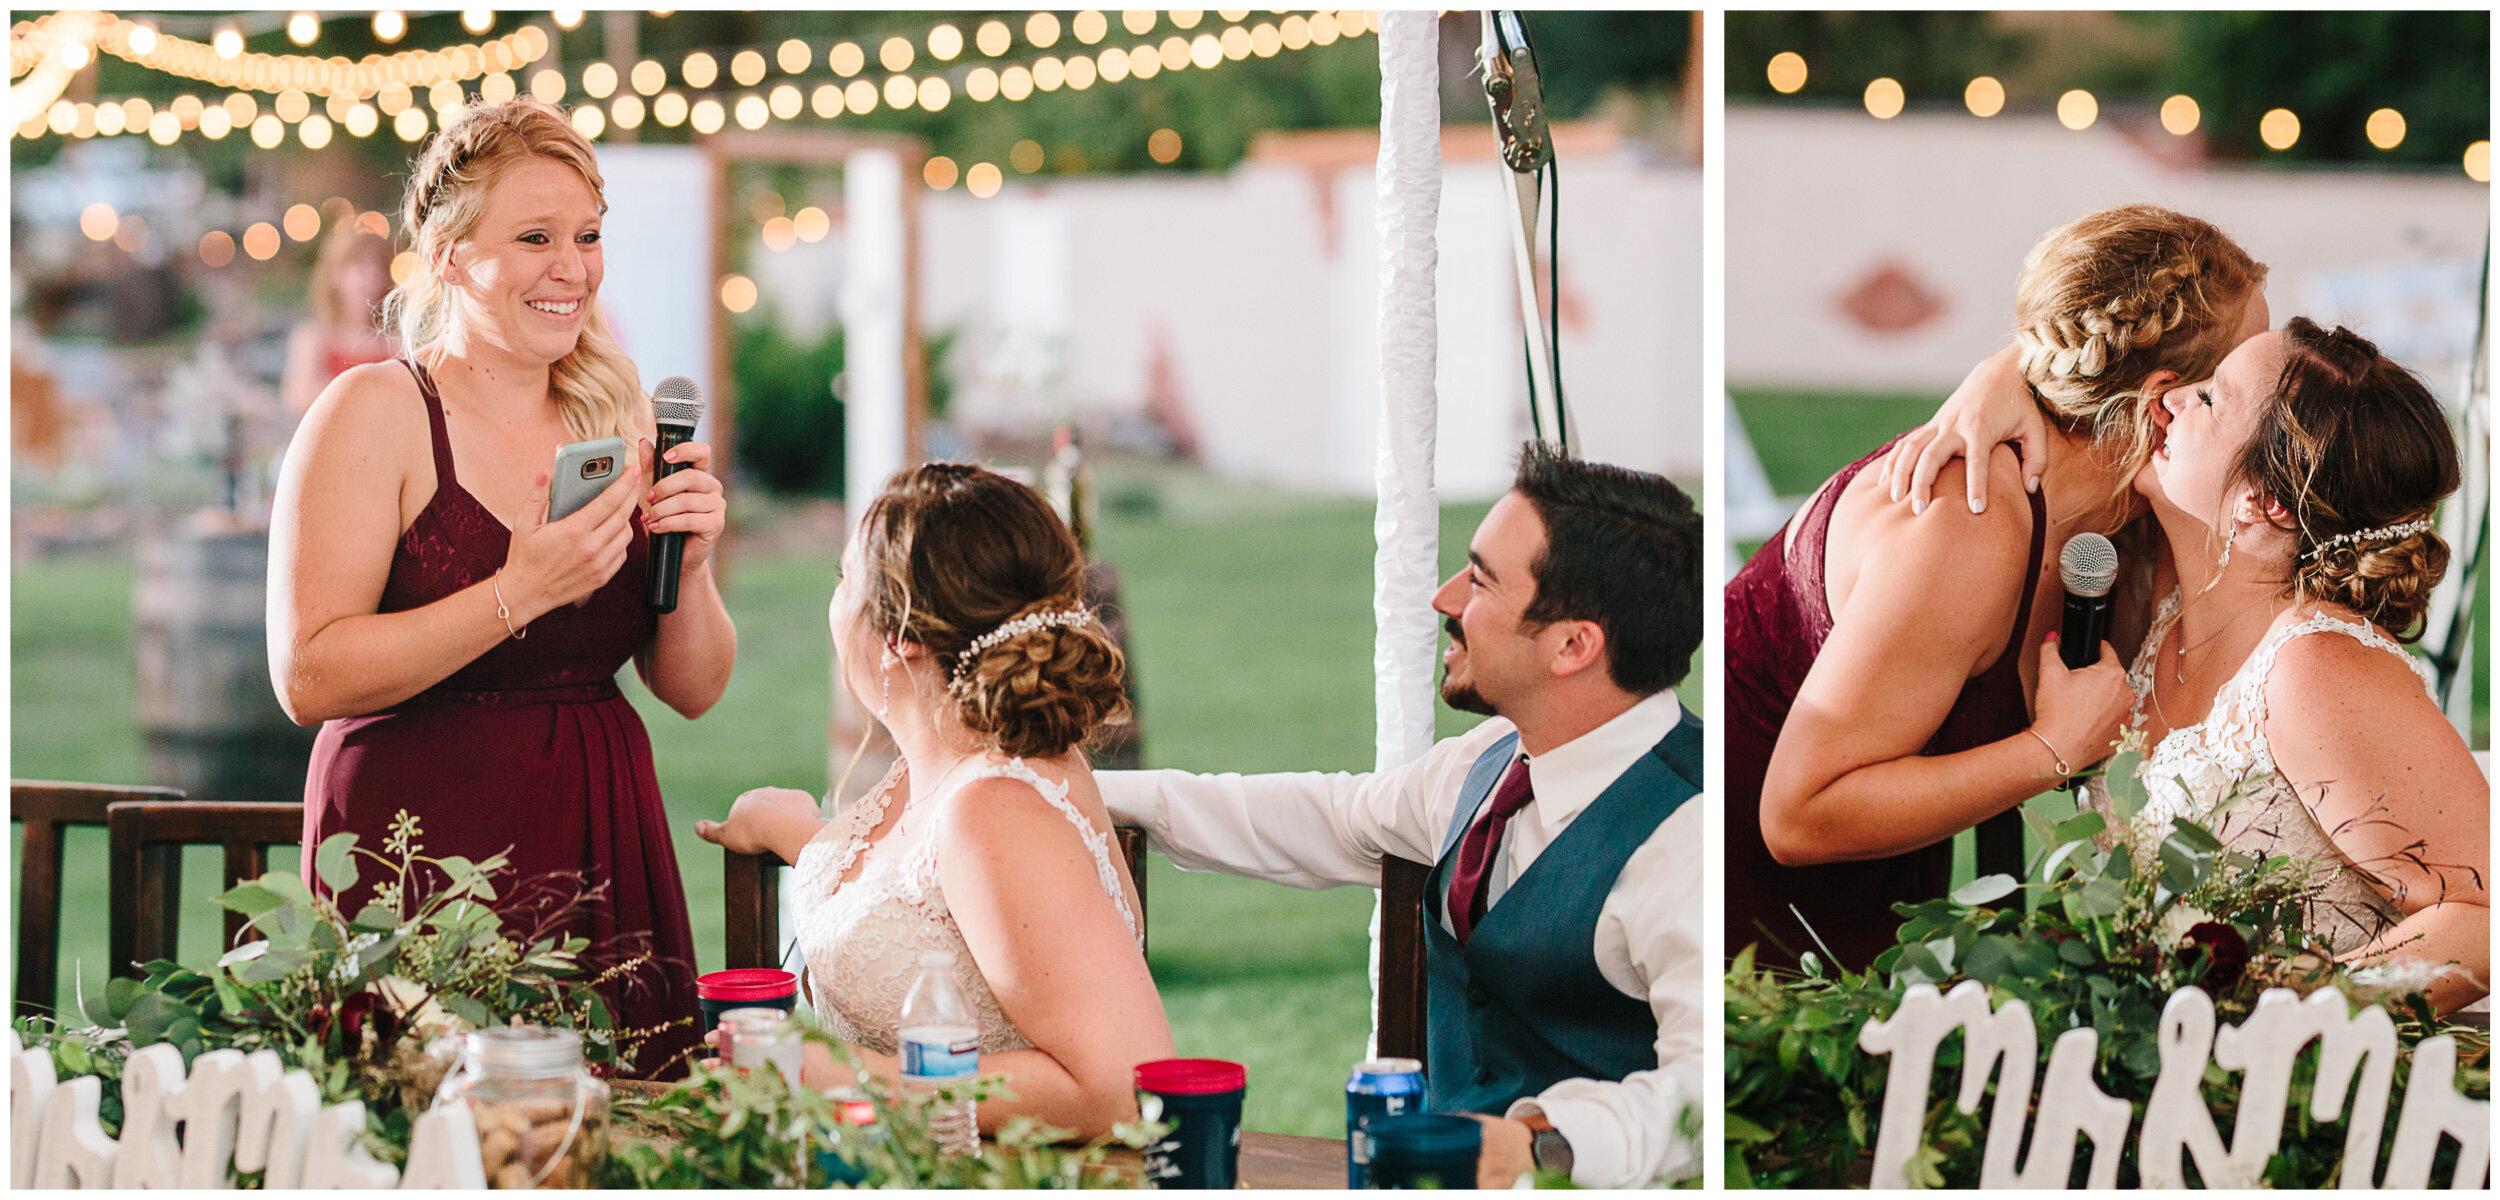 brighton_colorado_wedding_82.jpg